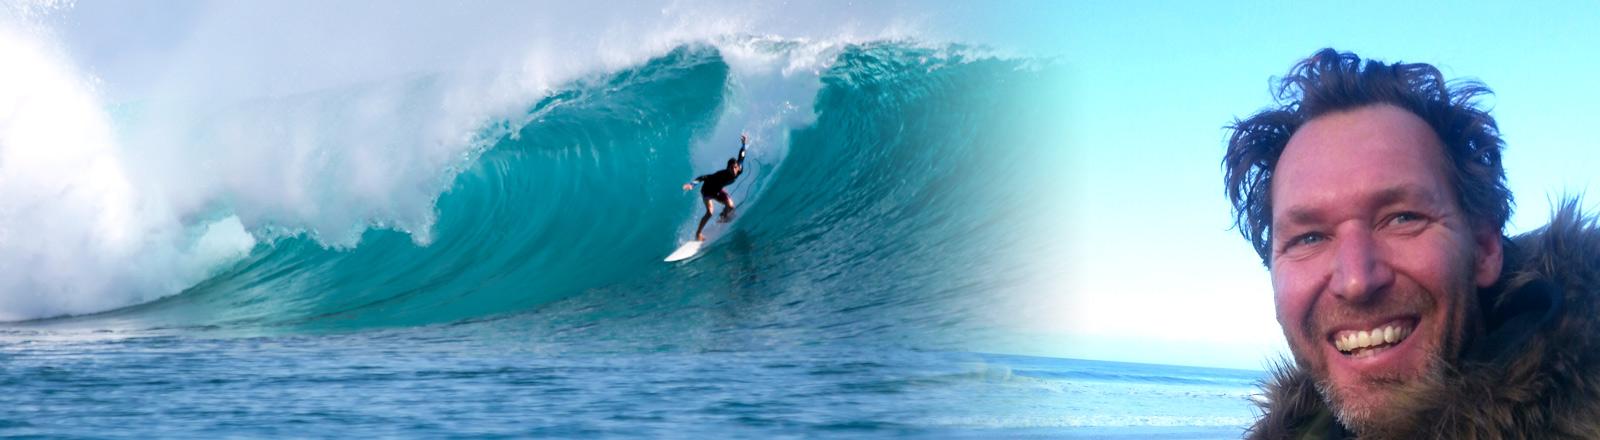 Surfer auf einer Welle, Porträt Maximilian Reuter